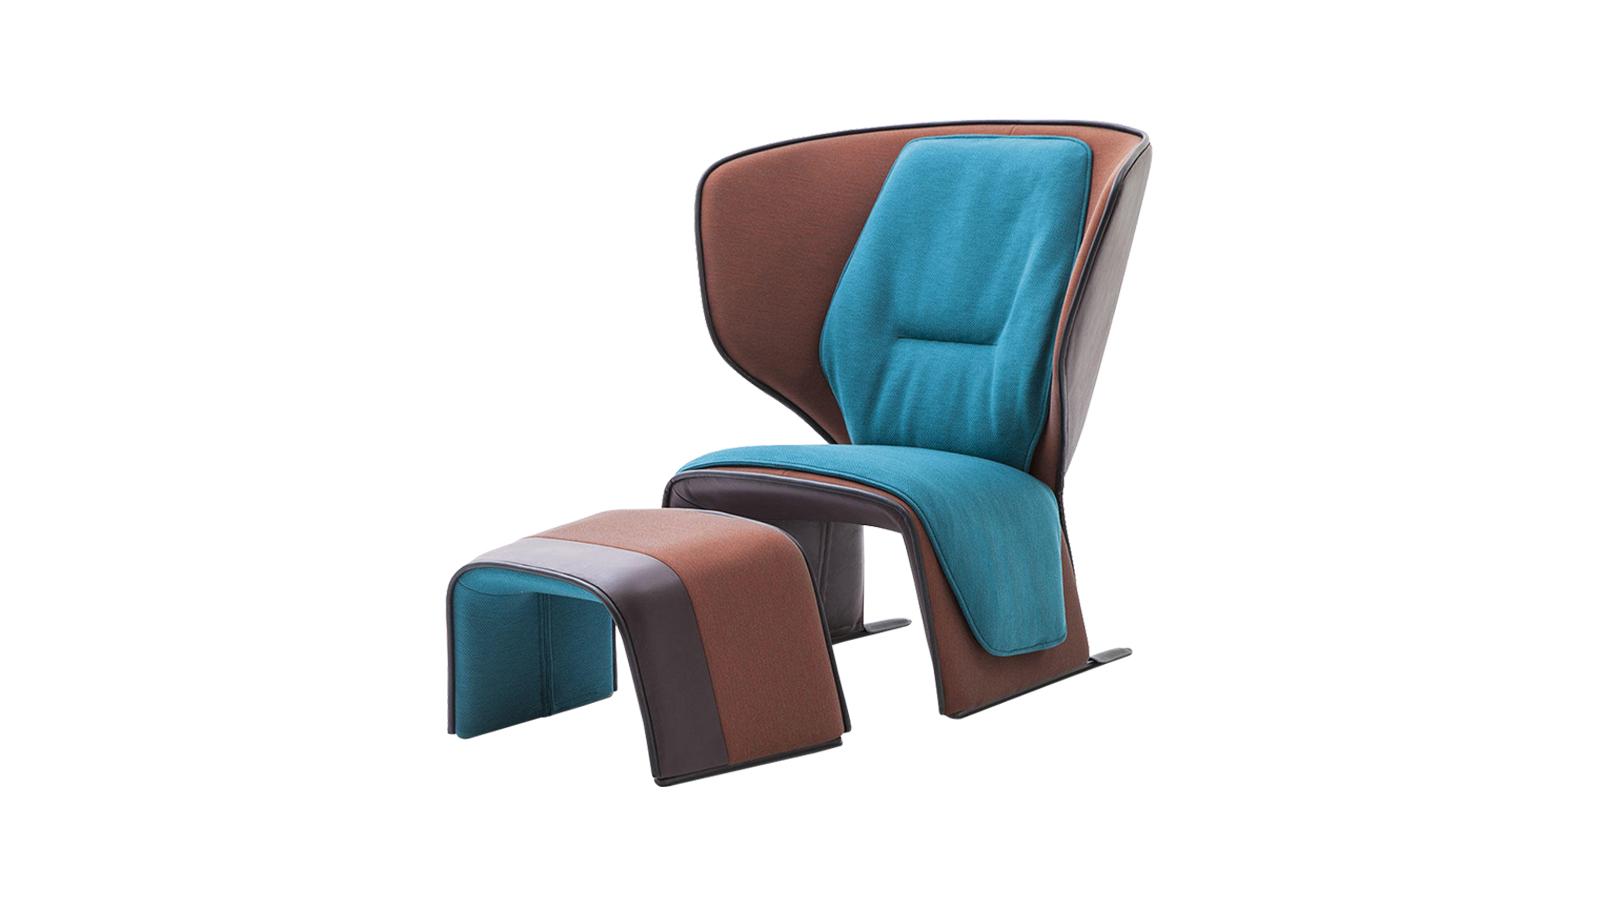 A Gender szék minden, csak nem hétköznapi. Lágy ölelésének és 12 fokos dőlésszögének köszönhetően gyengégen alkalmazkodik használójához. Játékos íve, valamint szín- és anyaggazdagsága avantgárd formavilágot teremt. A pihenést pedig lábtámasza fokozza, mely több színben is elérhető a CODE Showroomban.